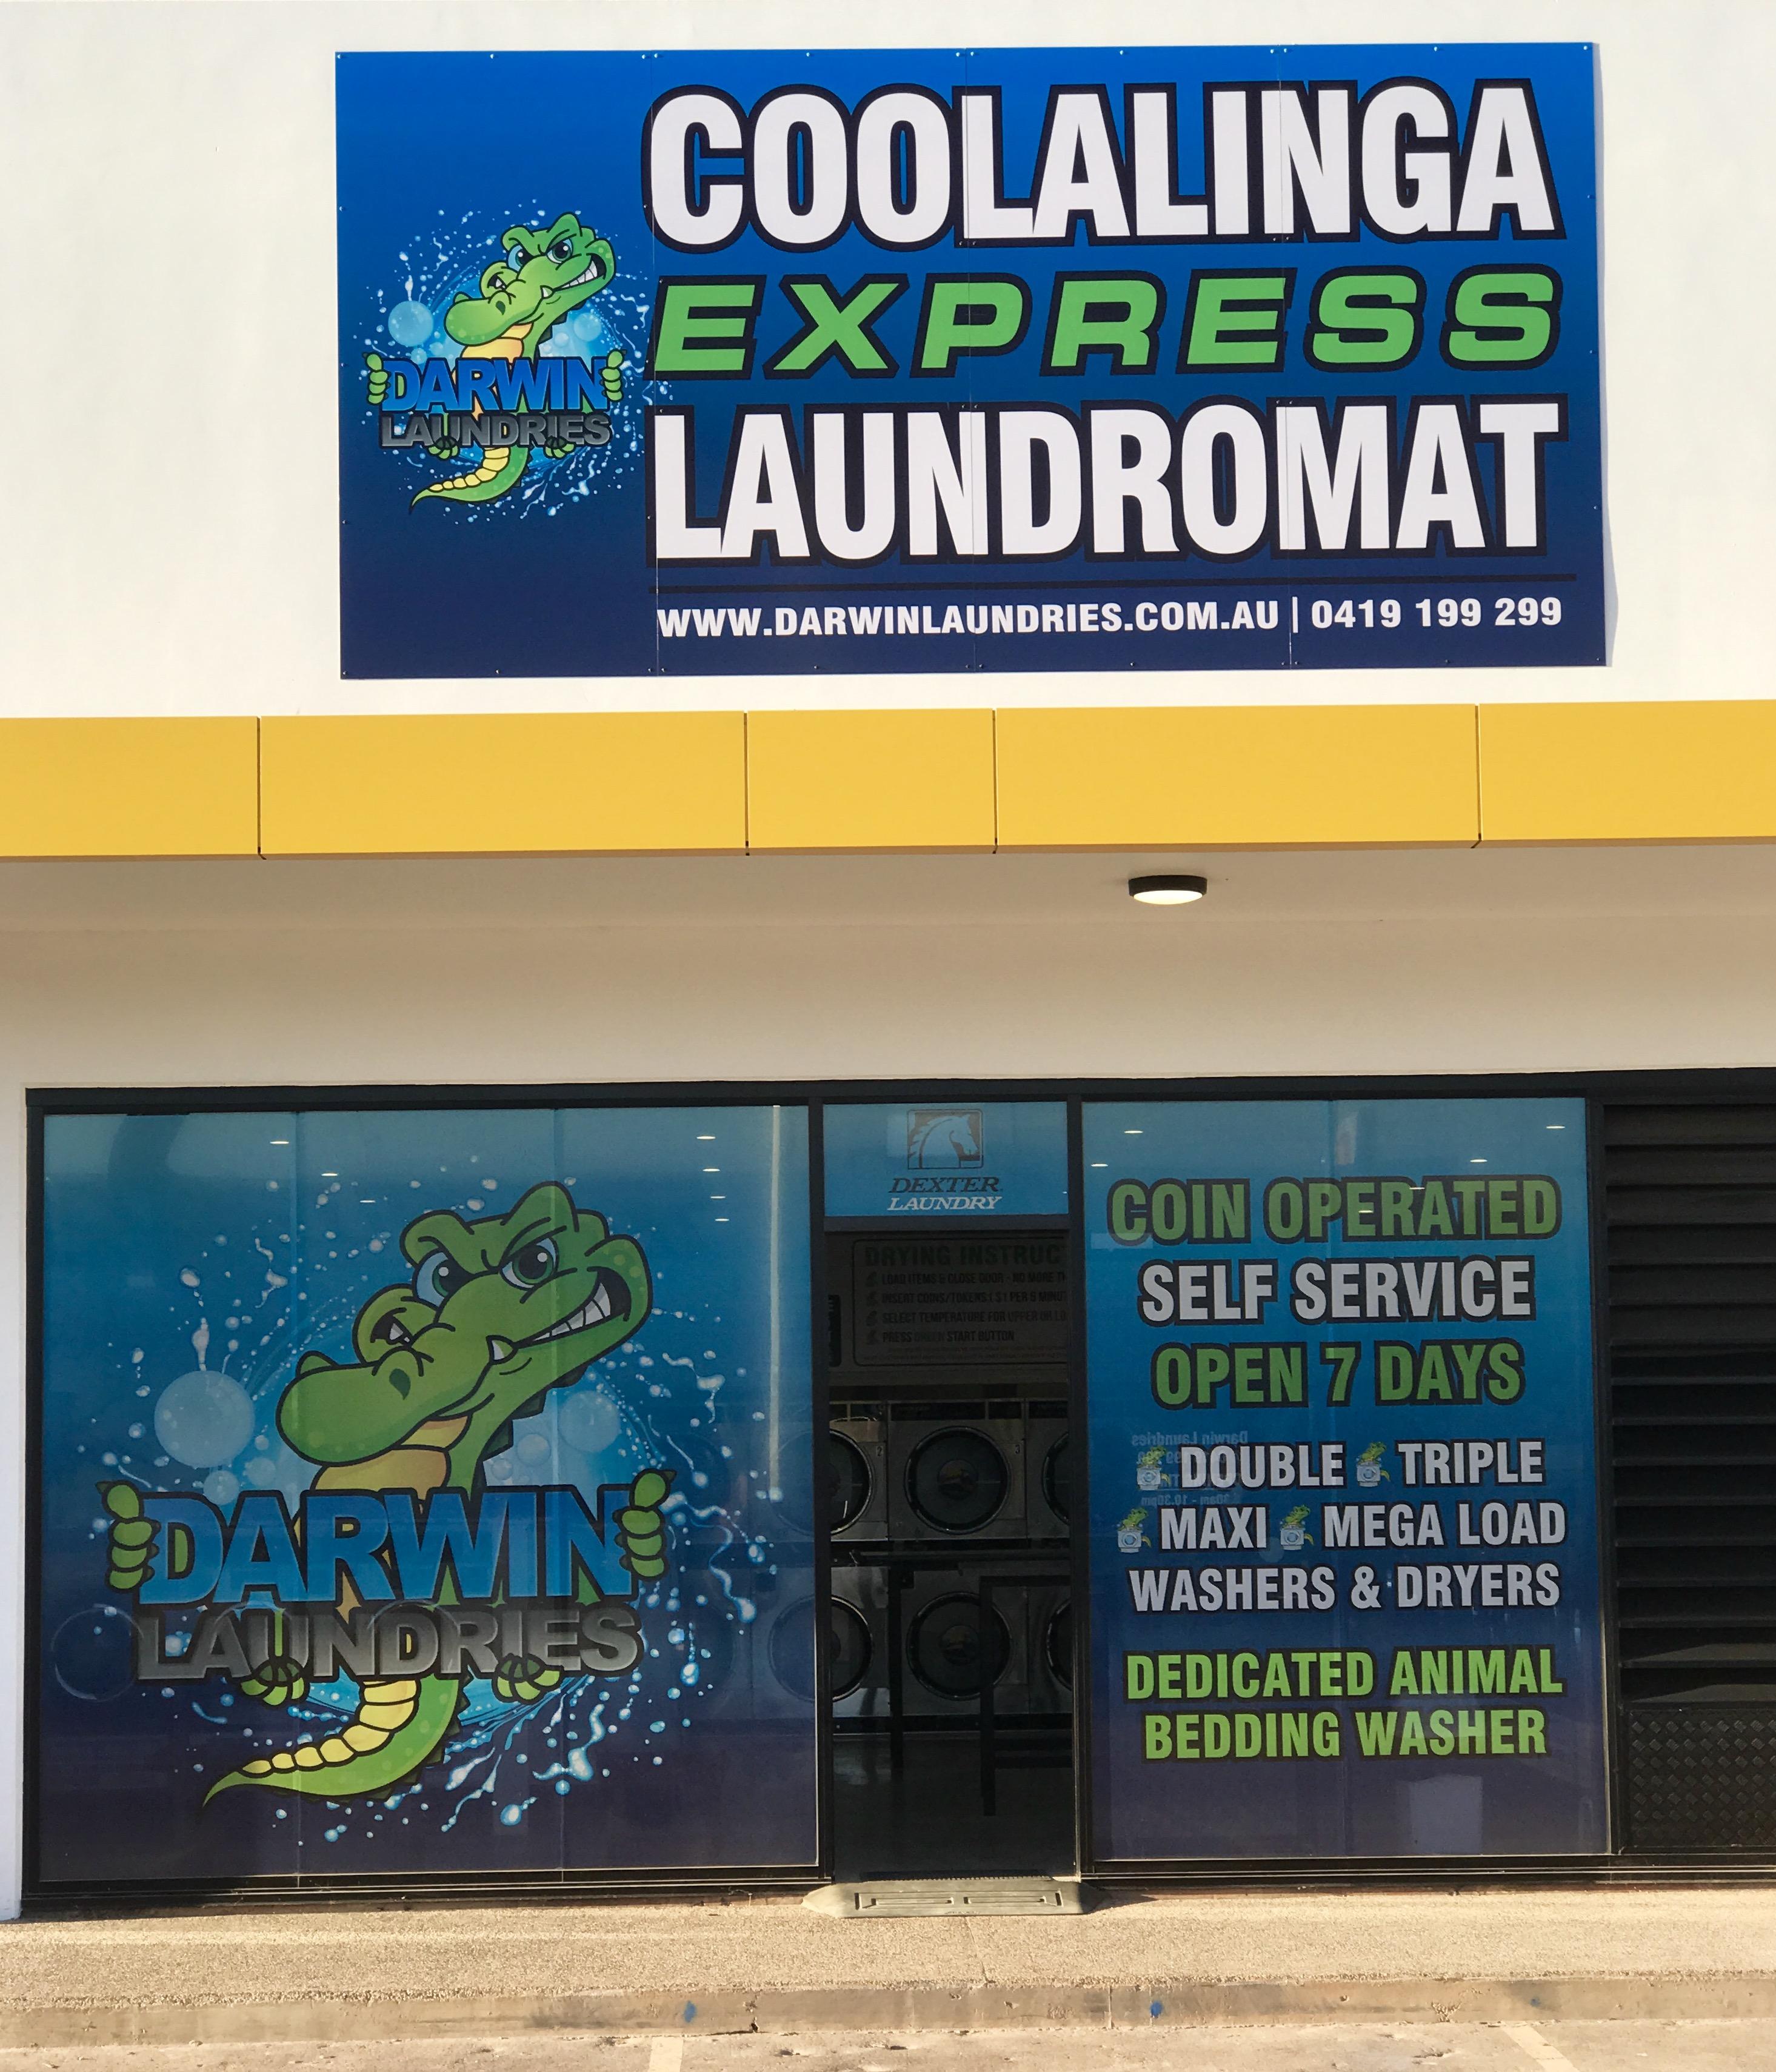 Coolalinga Express Laundromat